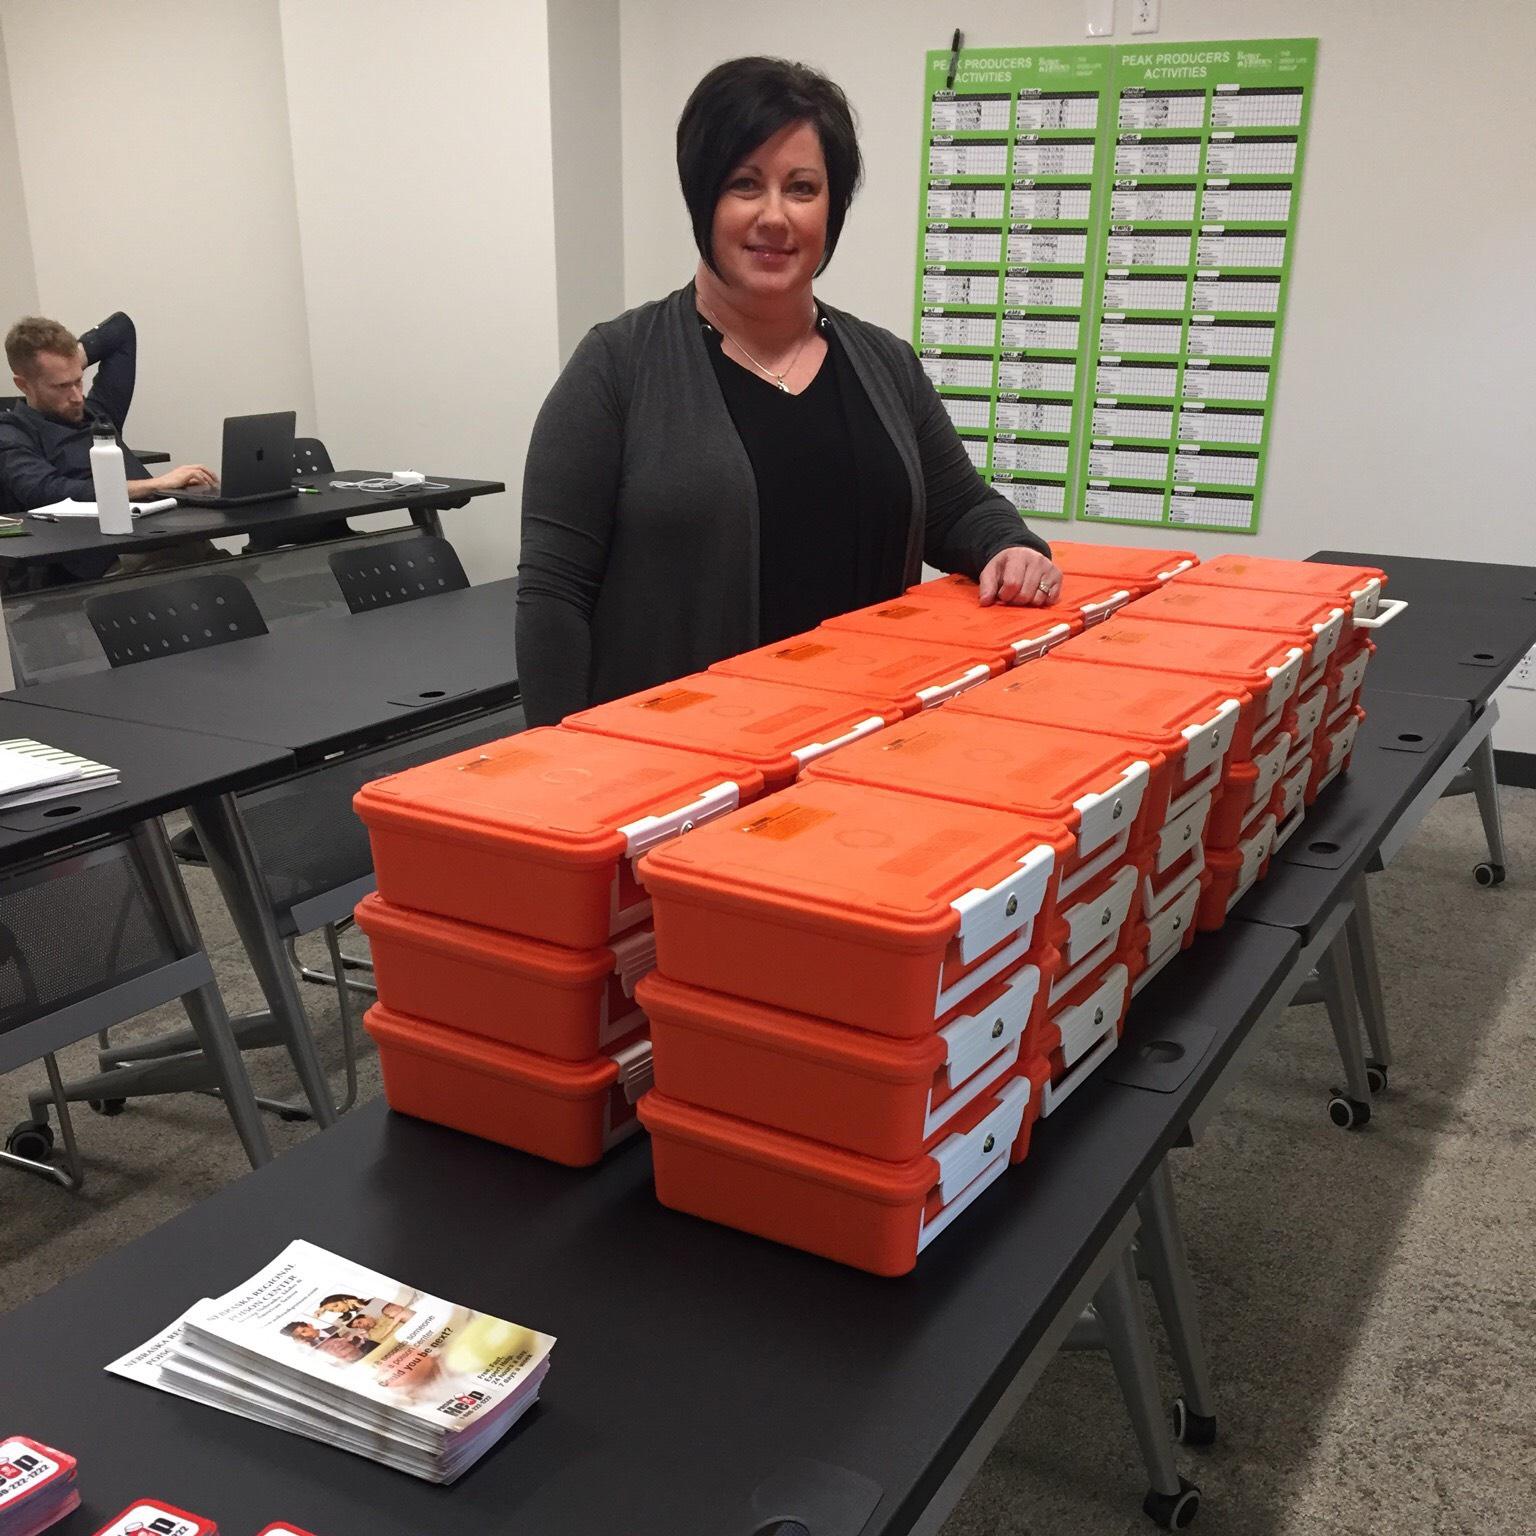 Distributing drug lock-up boxes